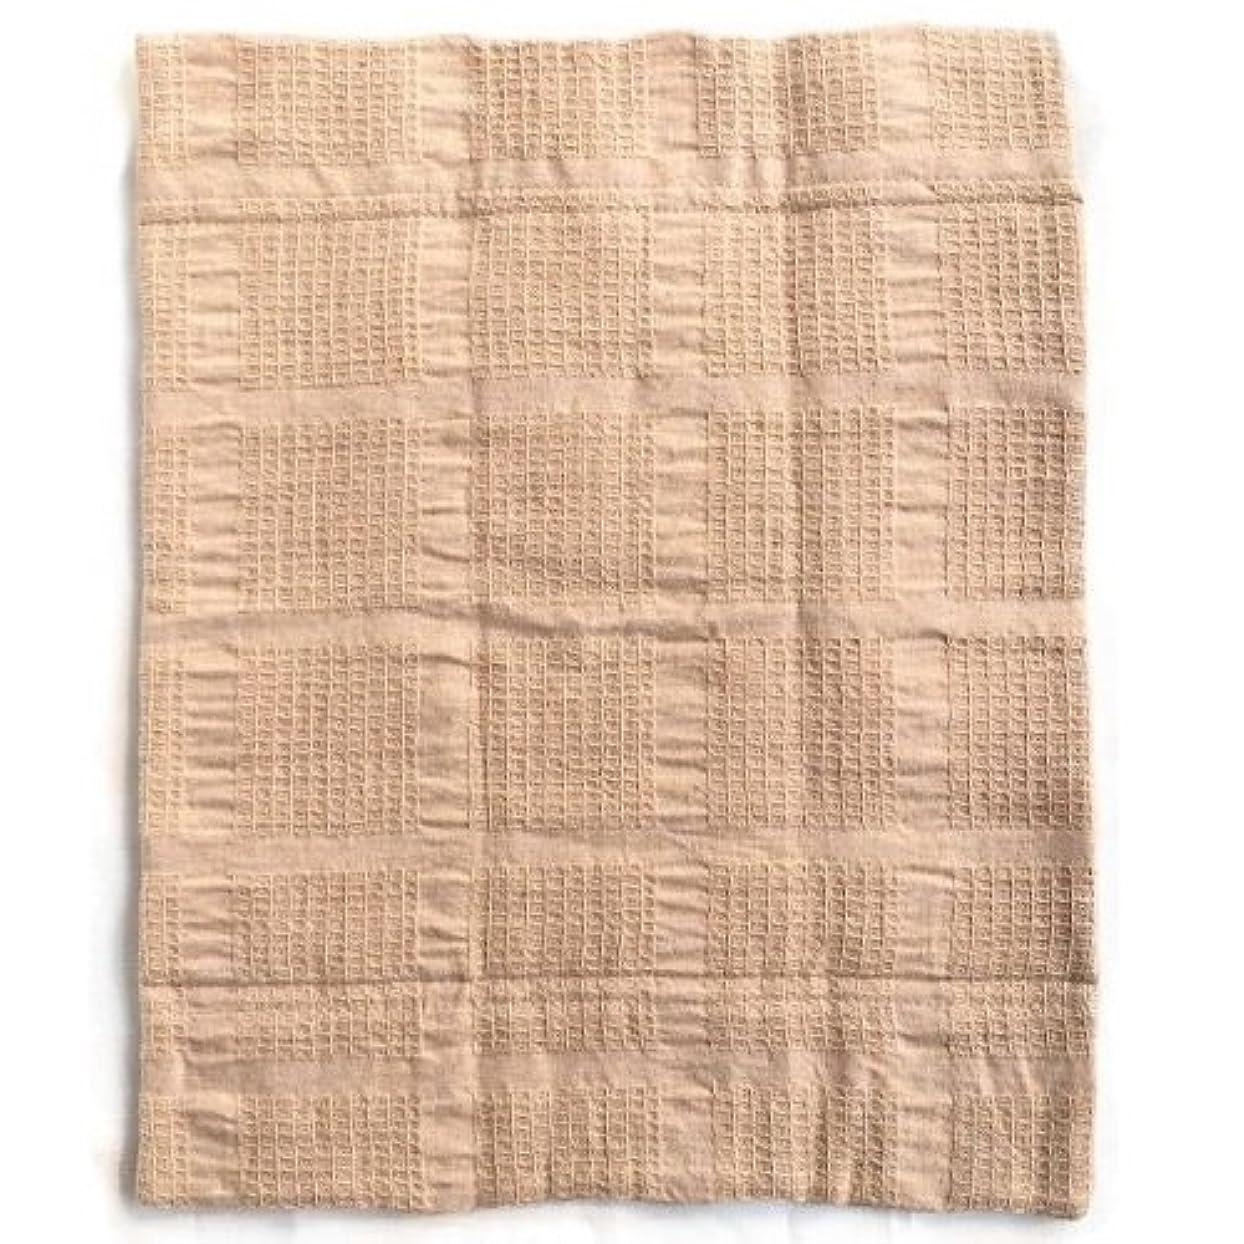 レイプ協定セーター華布のオーガニックコットンの布ナプキン LLサイズ(約28cm×約35cm) 1枚入り